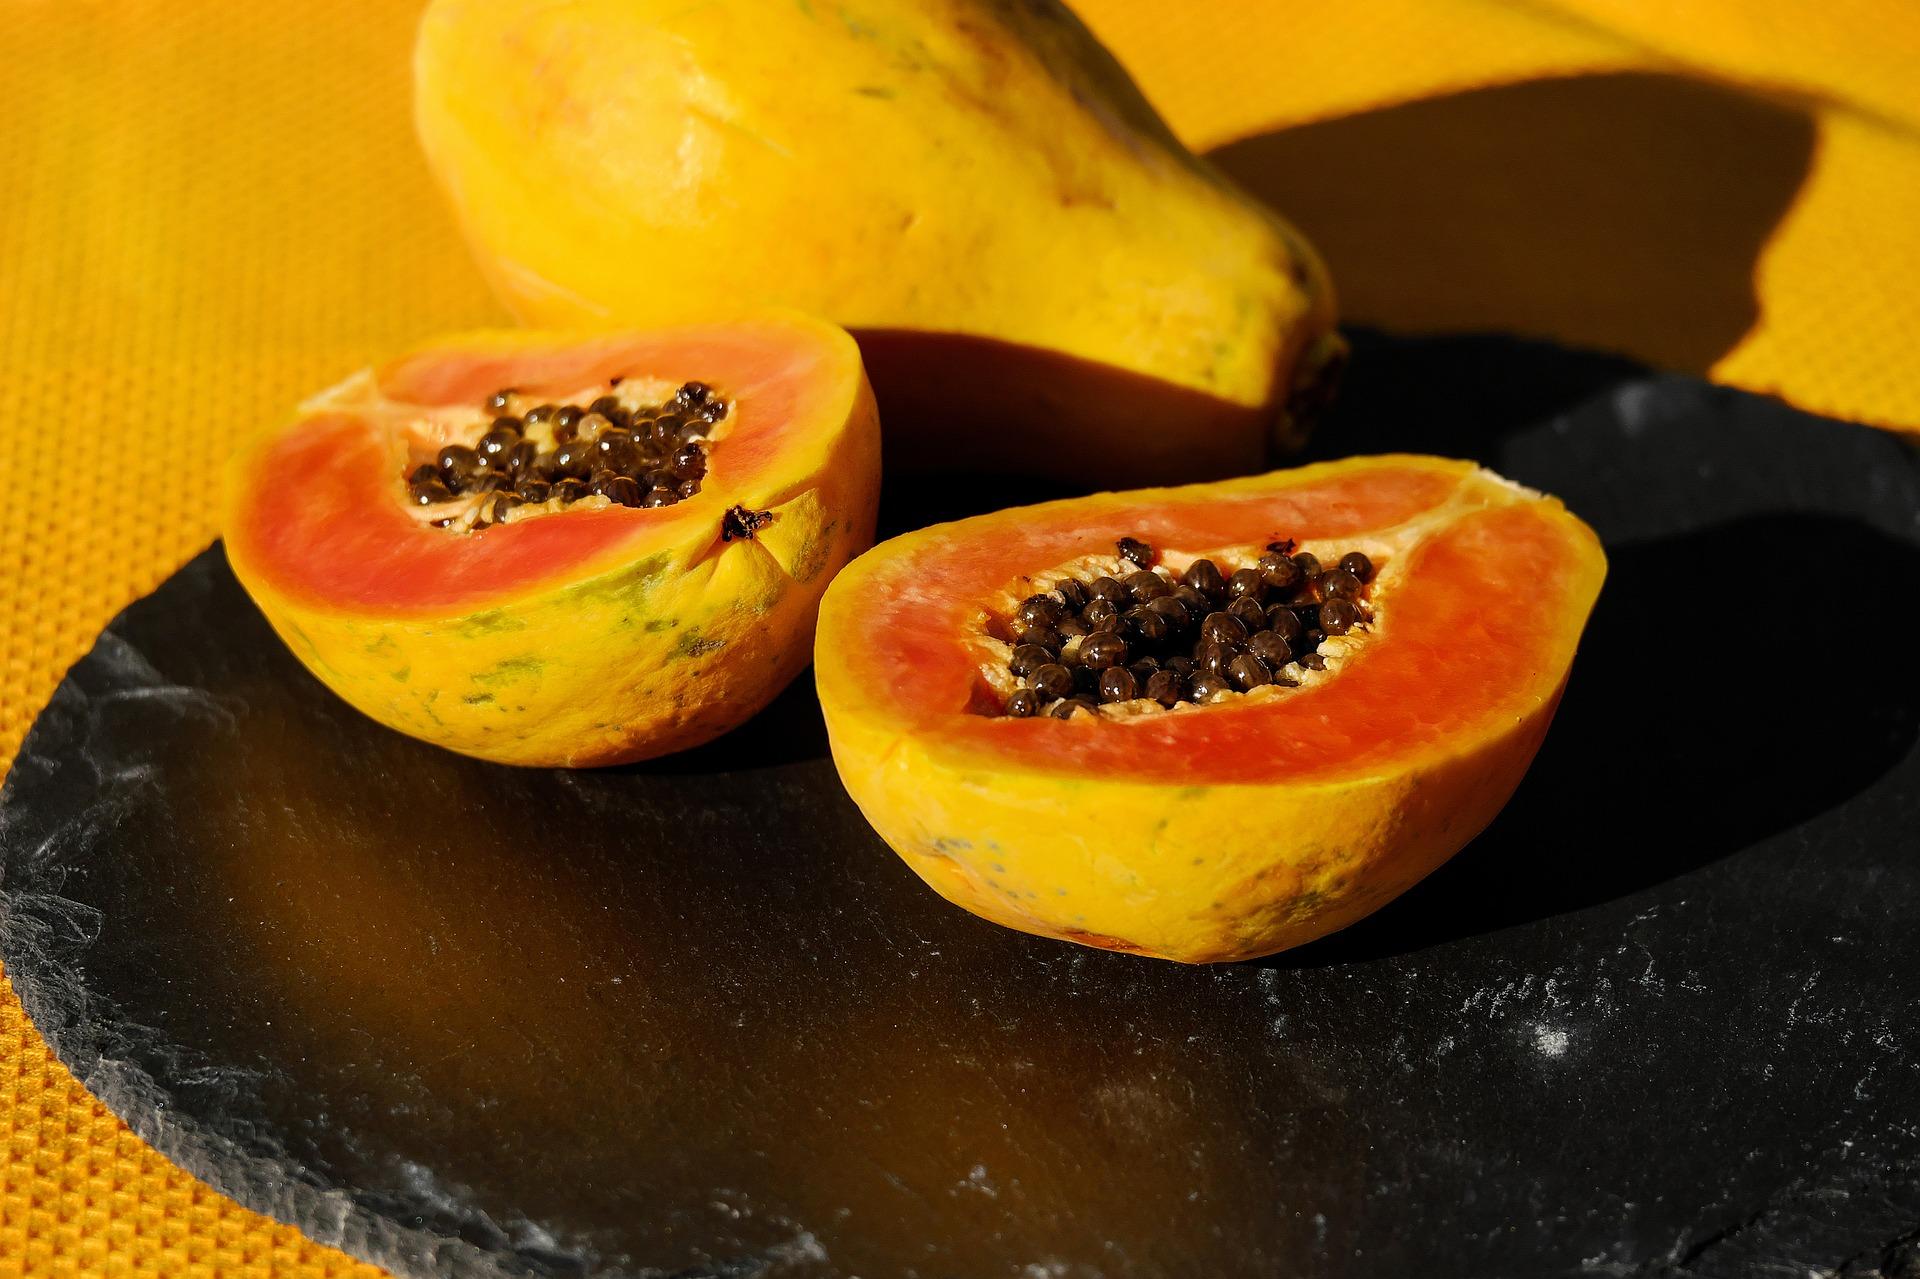 """Imagen correspondiente al post """"cómo se come la papaya"""" de Frutas Olivar"""